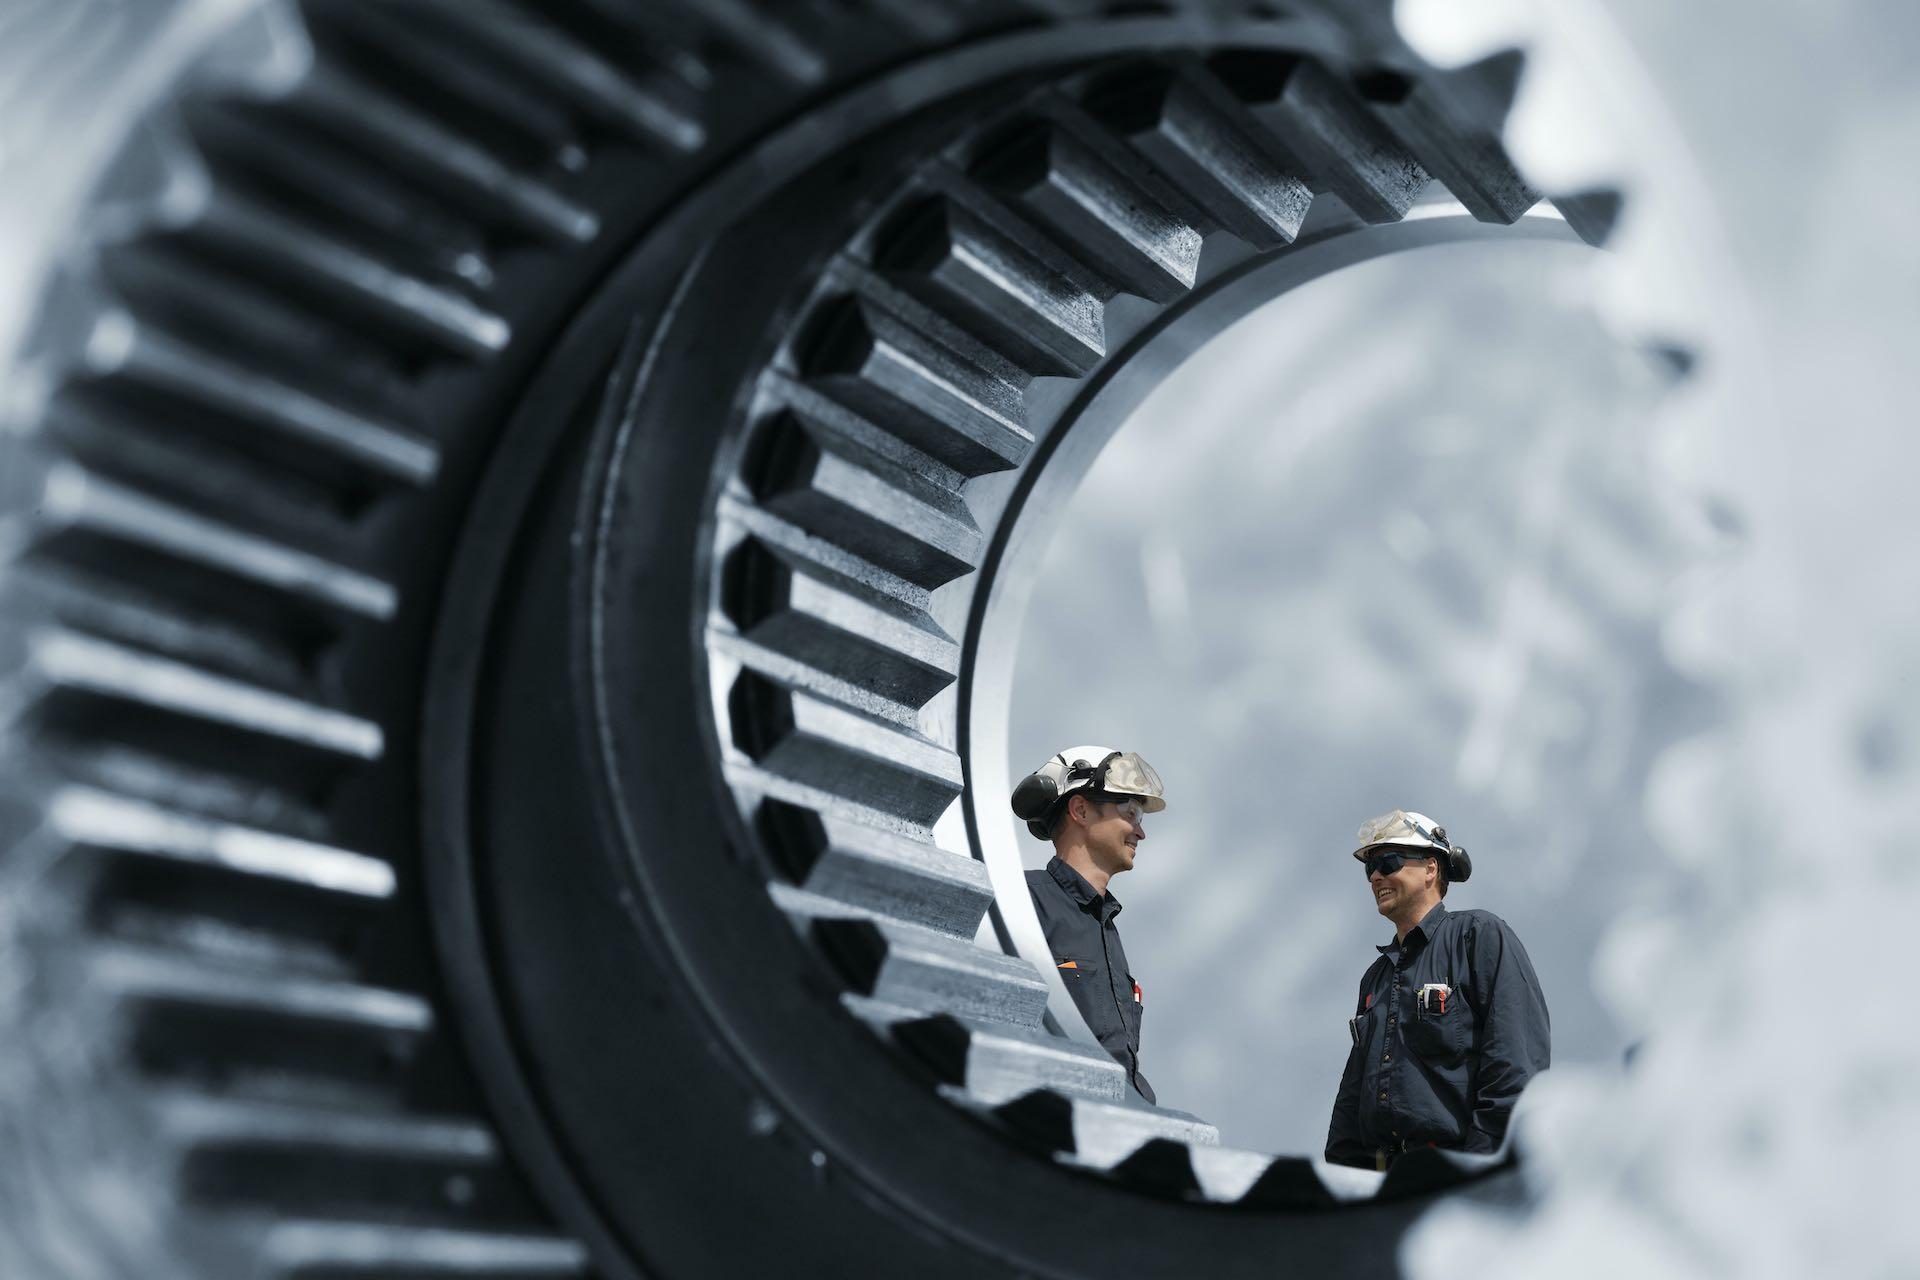 bemanning, <br>mekaniske tjenester</b><br> og stålprodukter